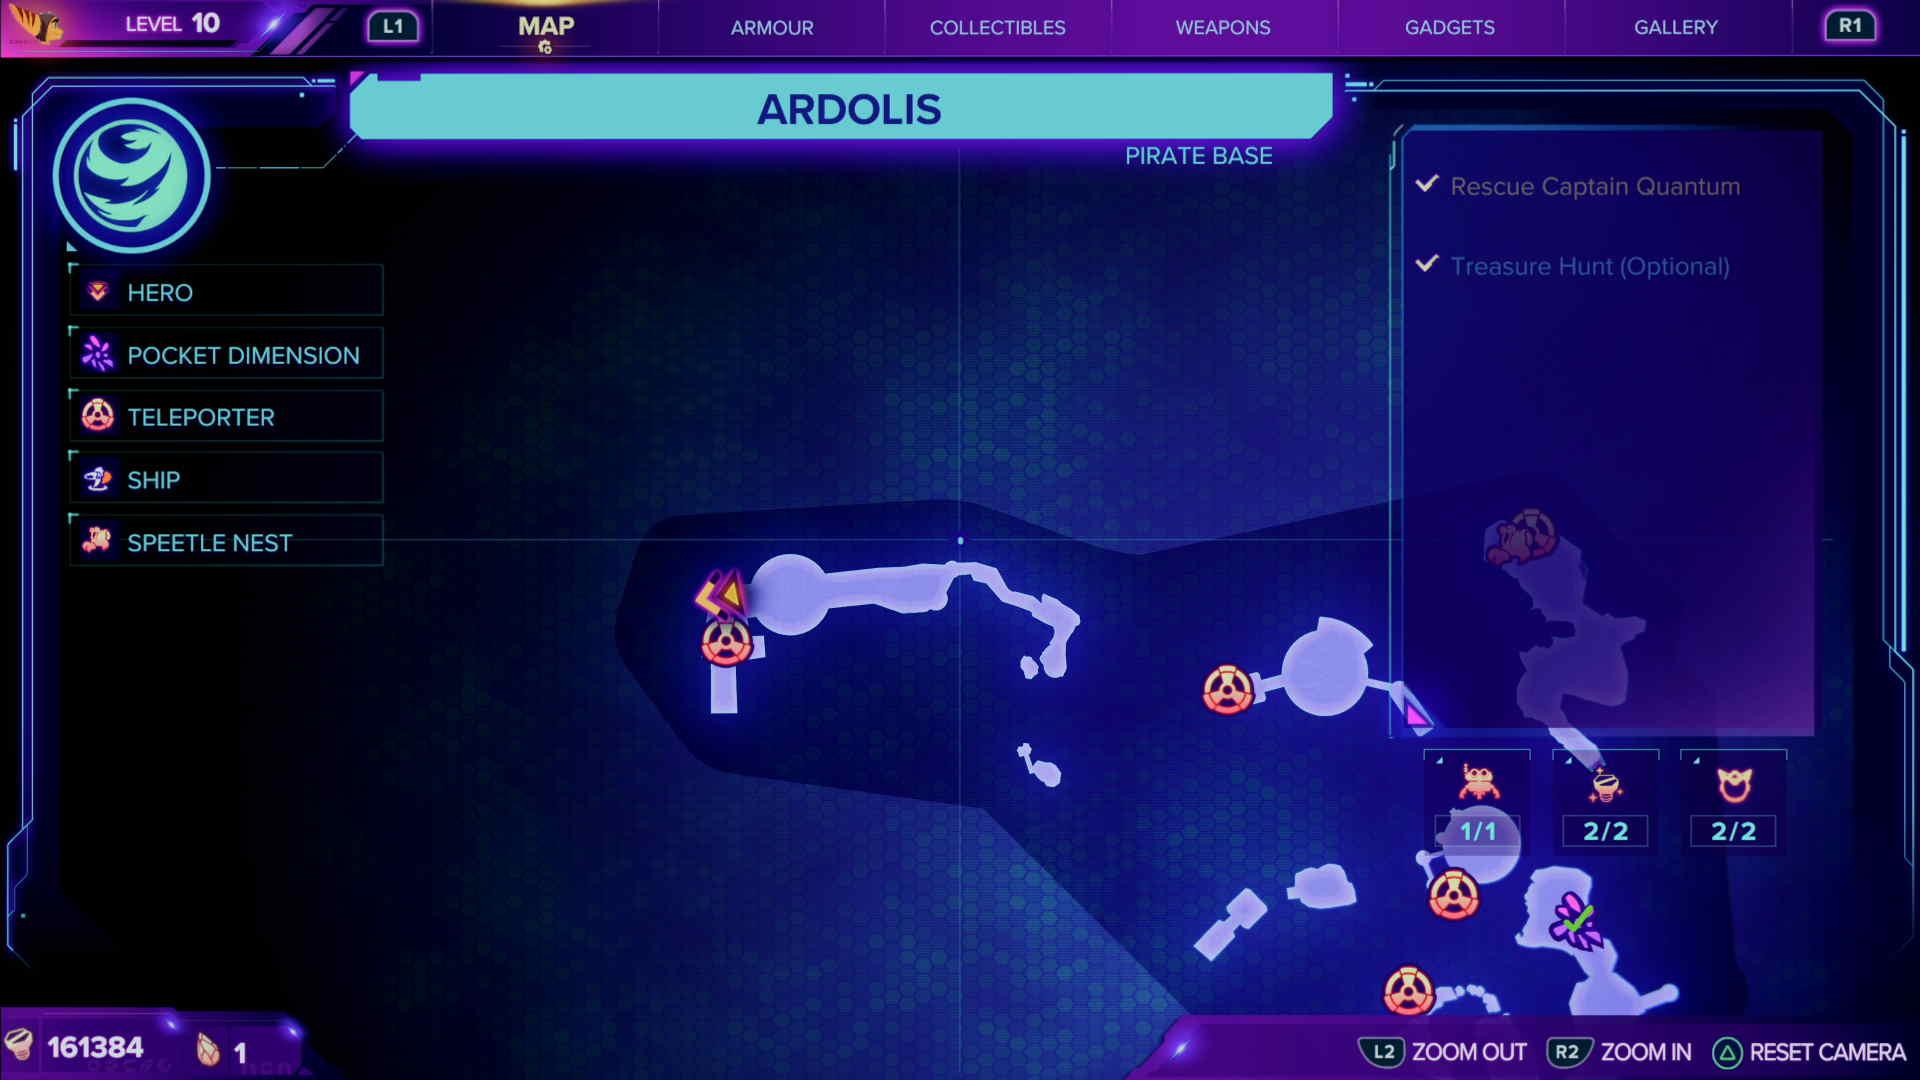 CraiggerBear 8: Ardolis map